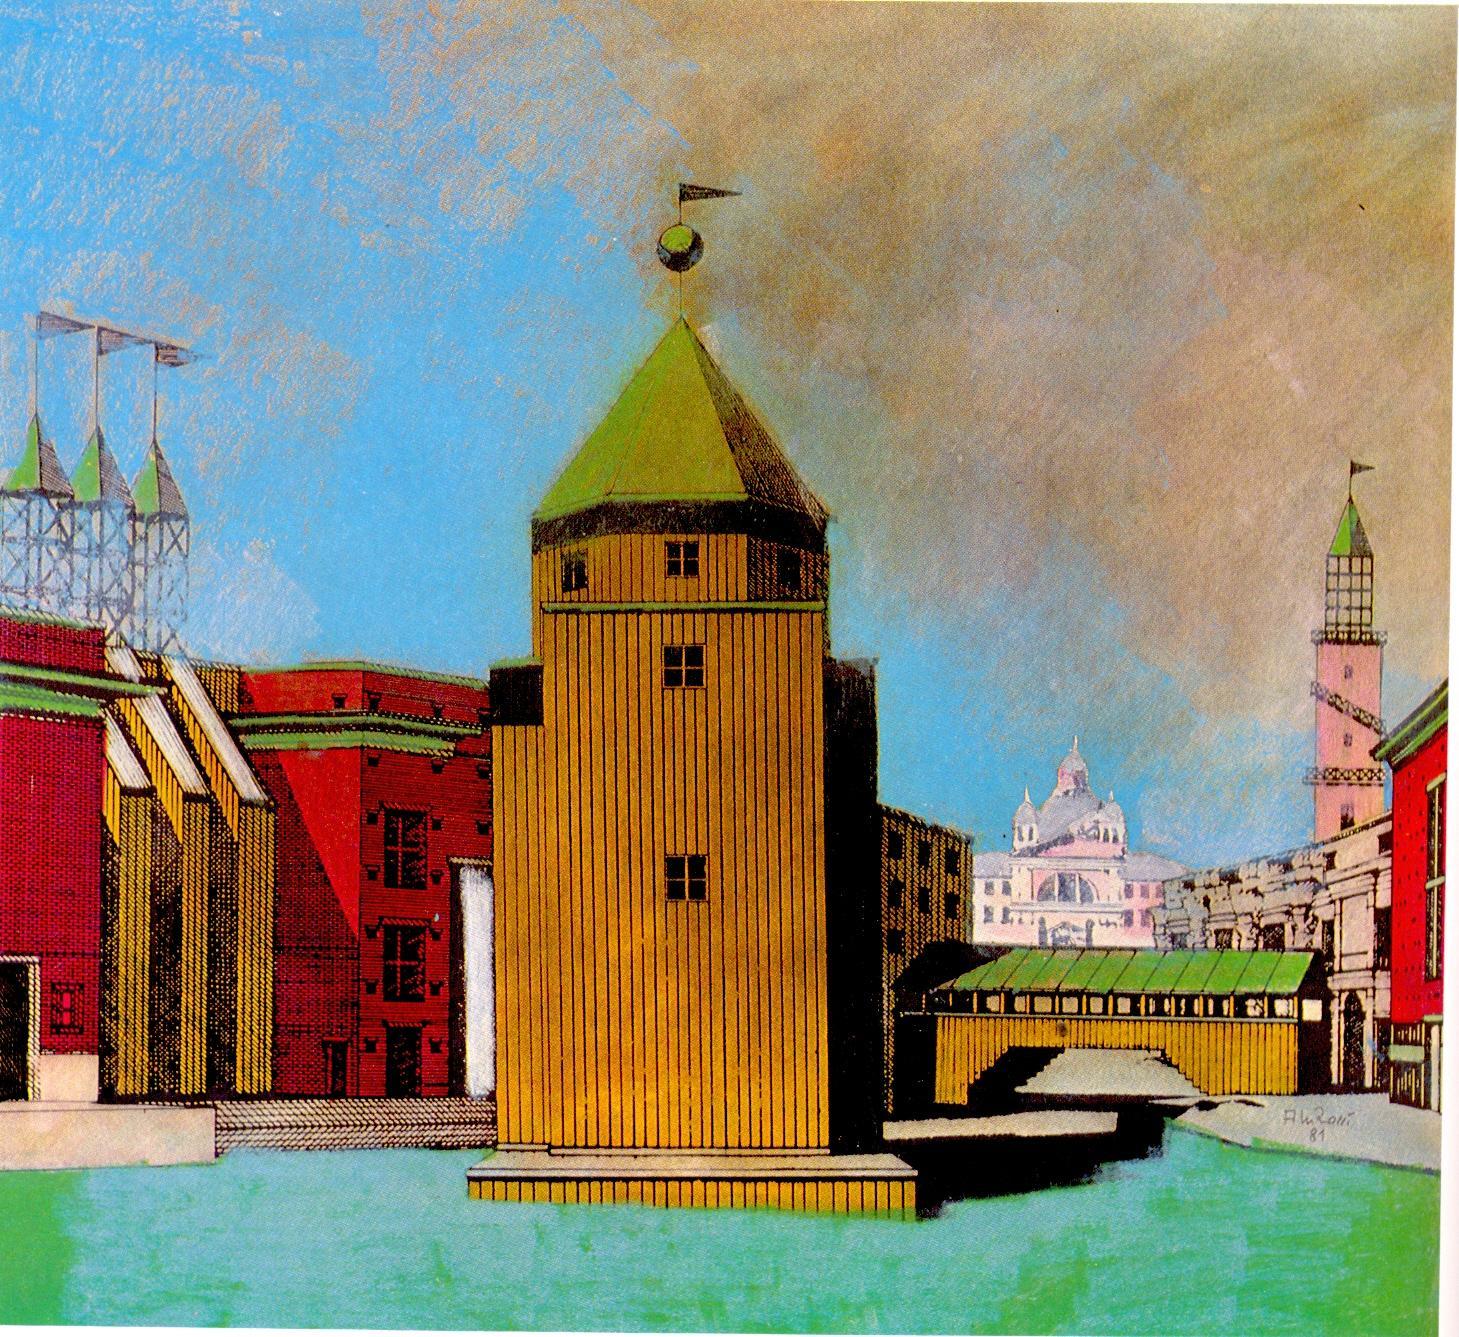 Artchist teatro del mondo en la bienal de venecia 1979 for Aldo rossi il teatro del mondo